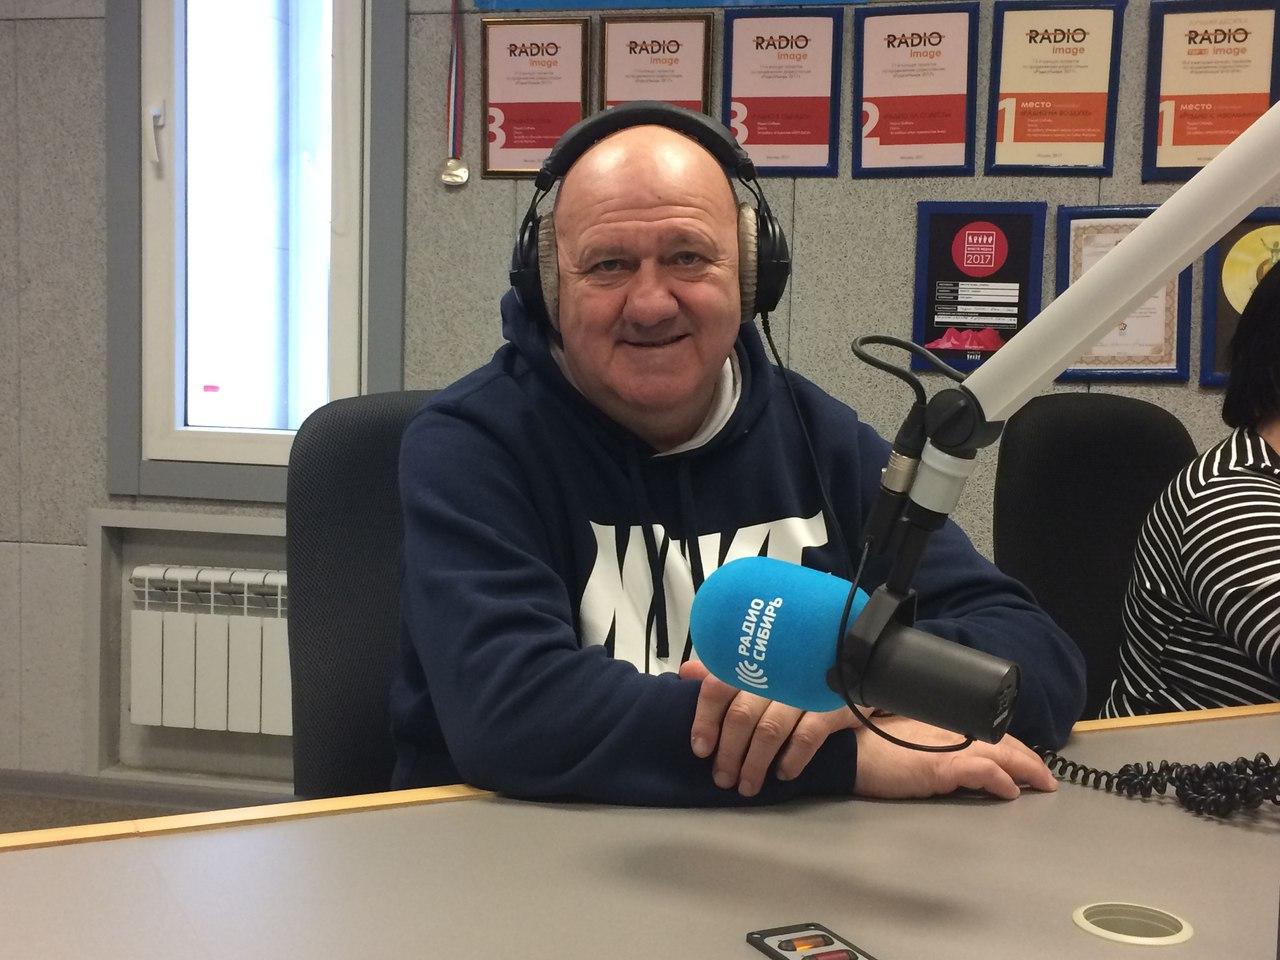 Александр Дереповский на «Радио Сибирь»: запись эфира (21.02.2018)